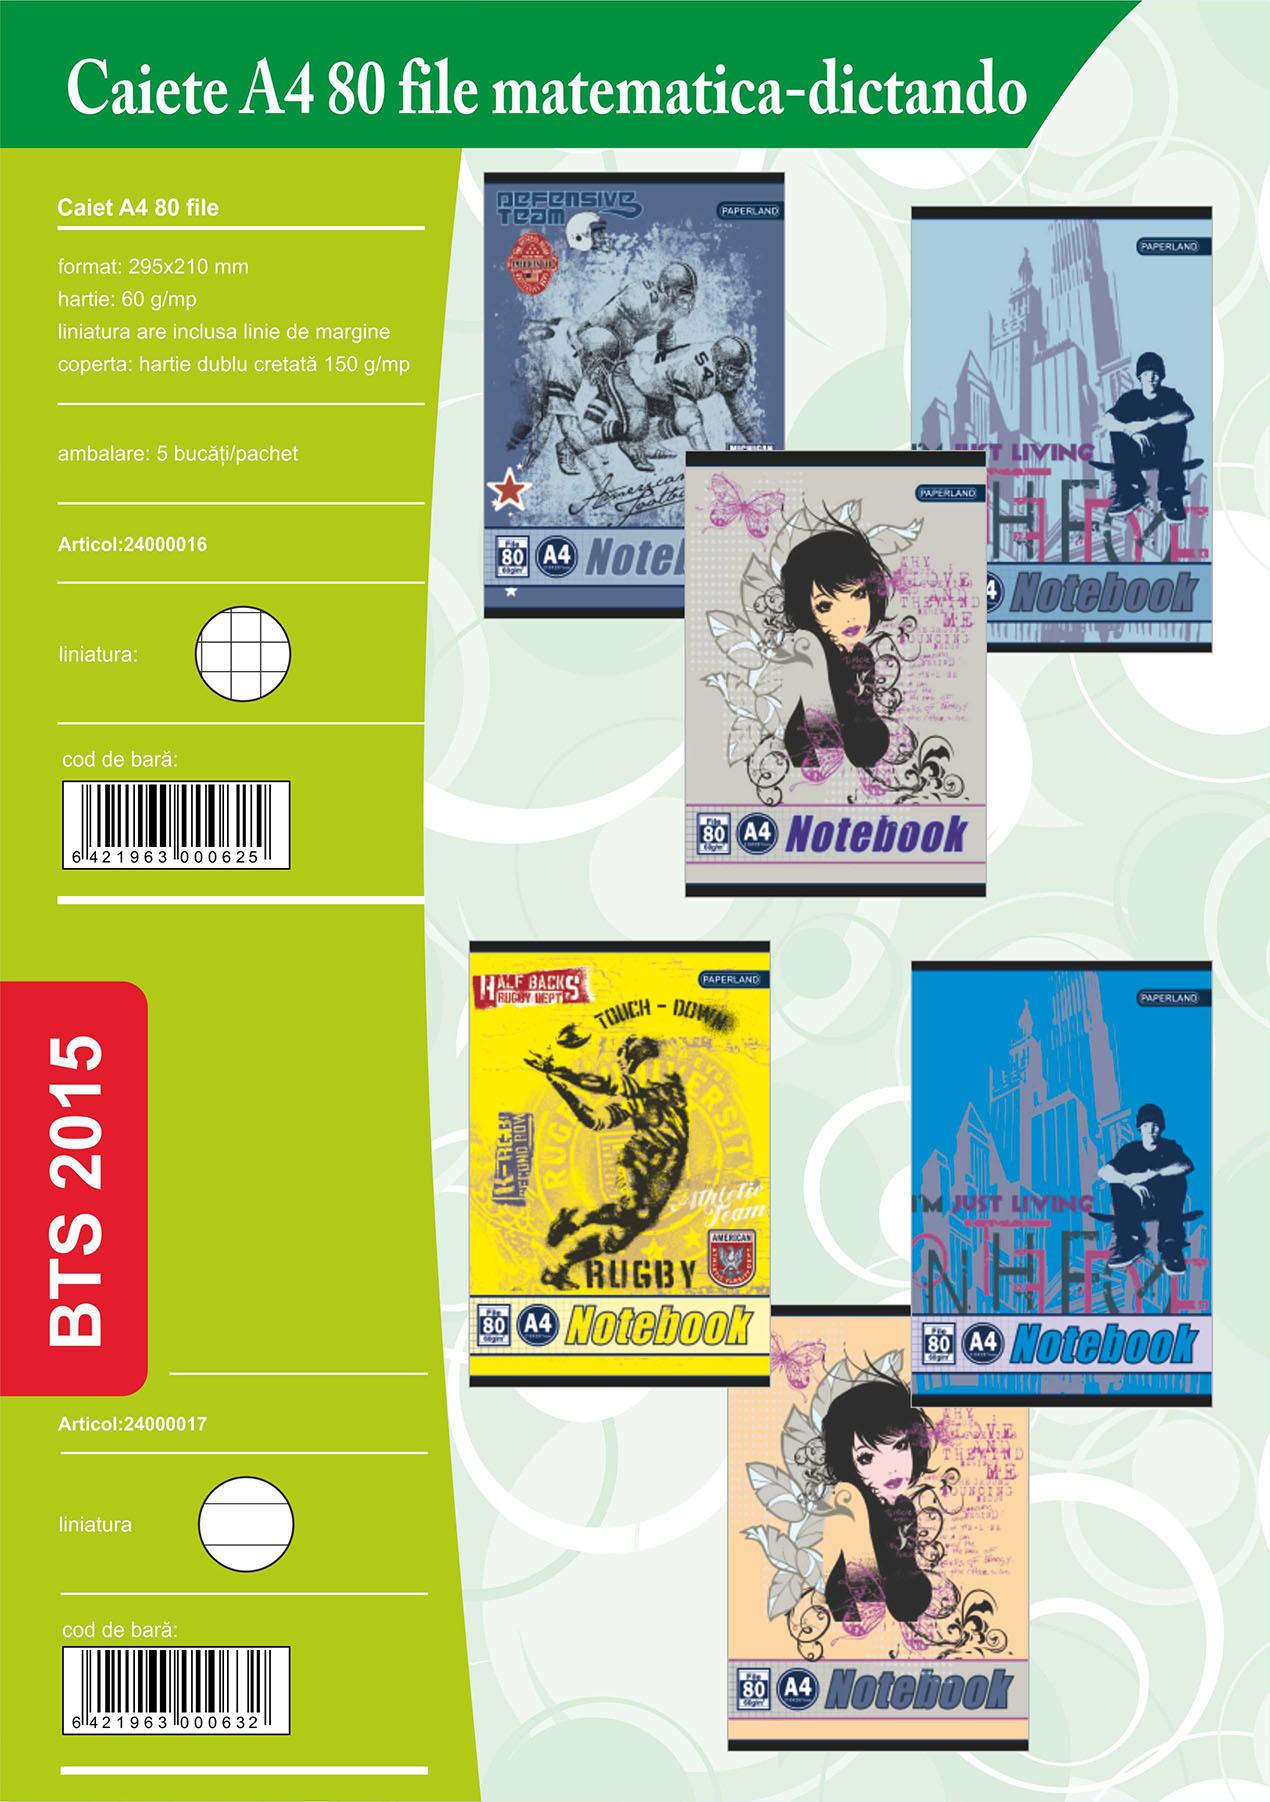 Caiete A4 80 file Image